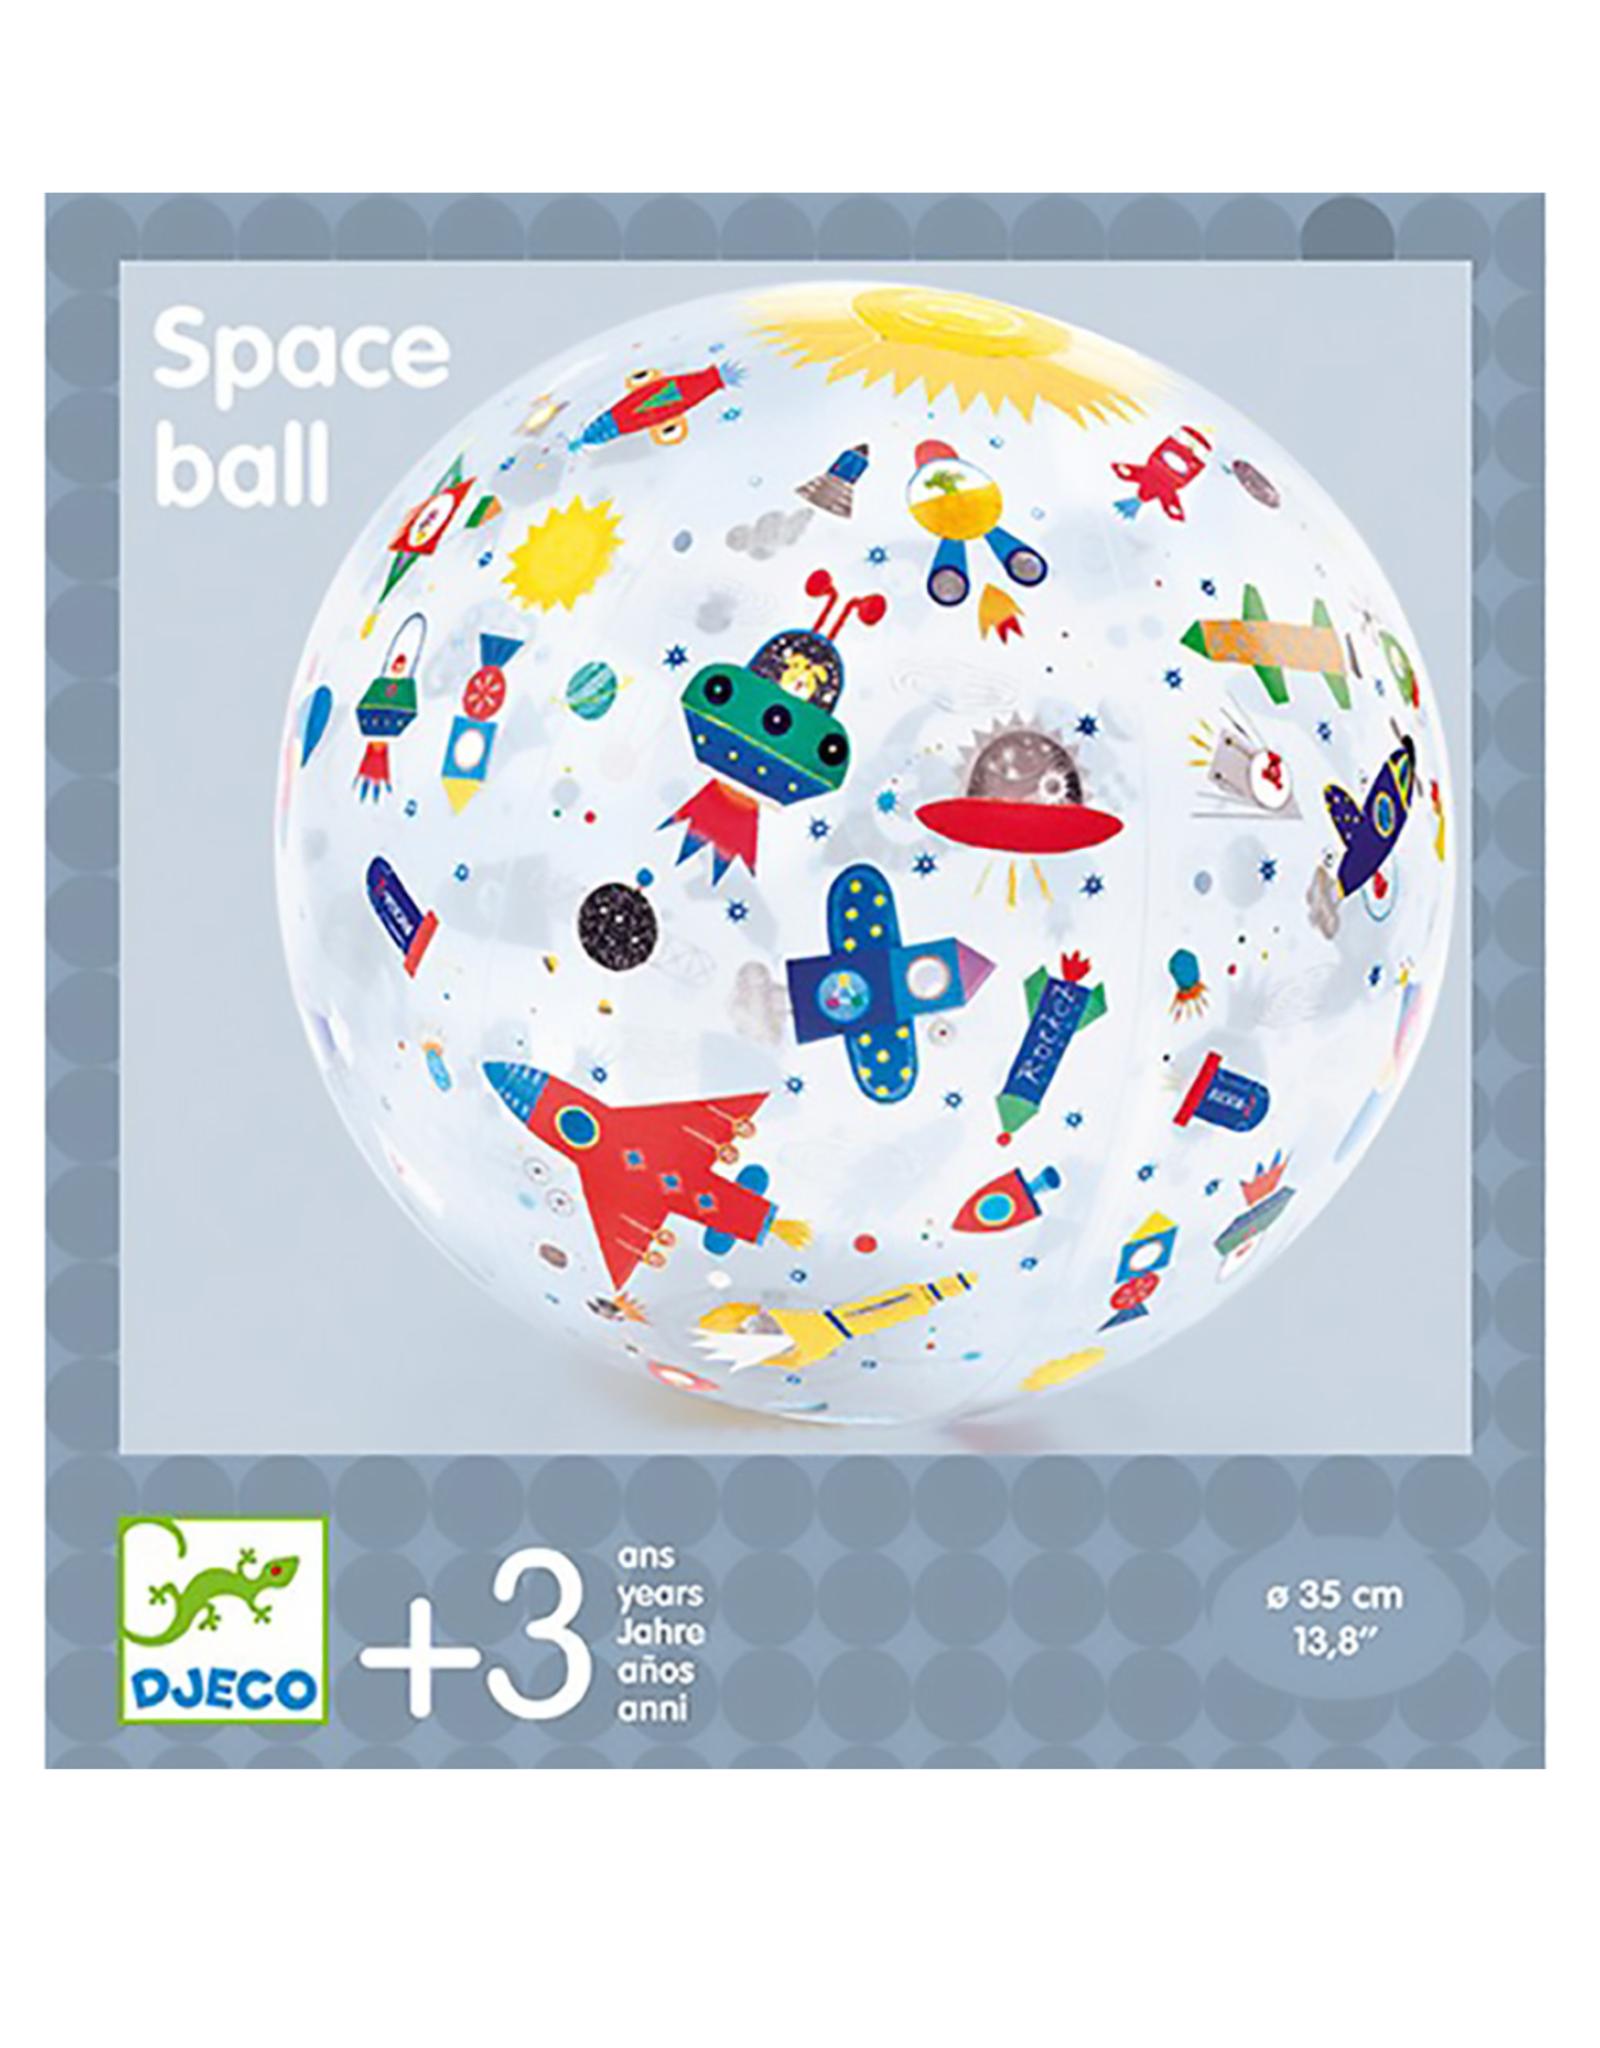 Djeco Ballon de plage – Space Ball